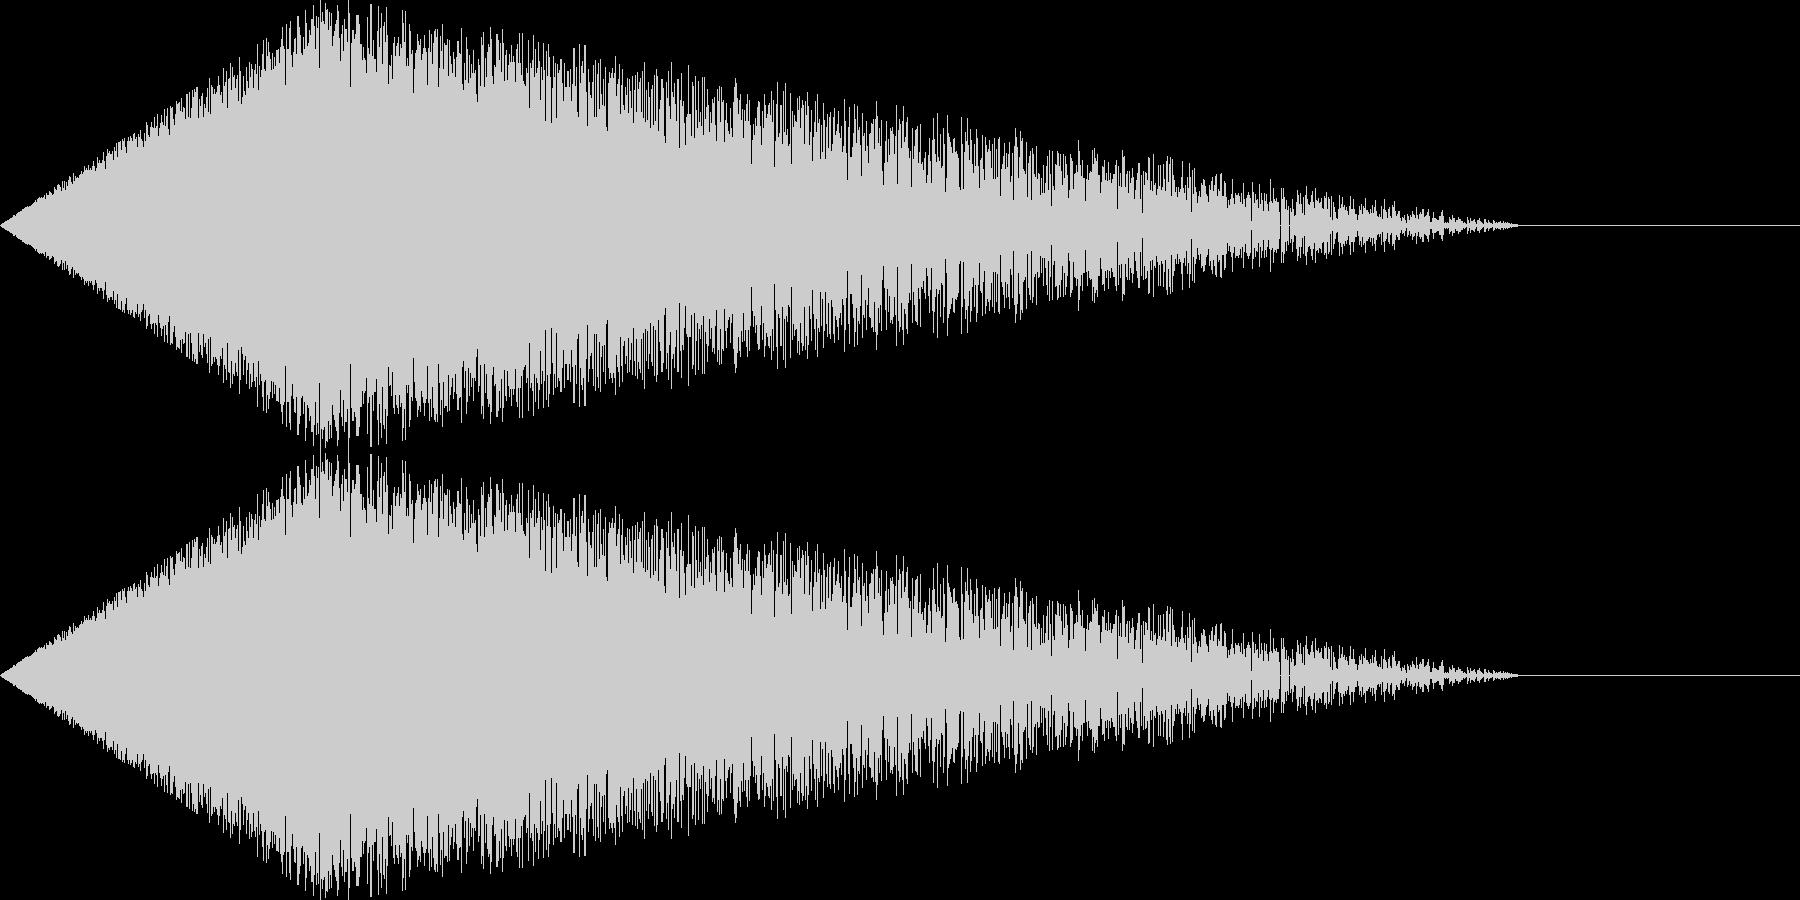 [シュワー]シューティング/ワープ01の未再生の波形